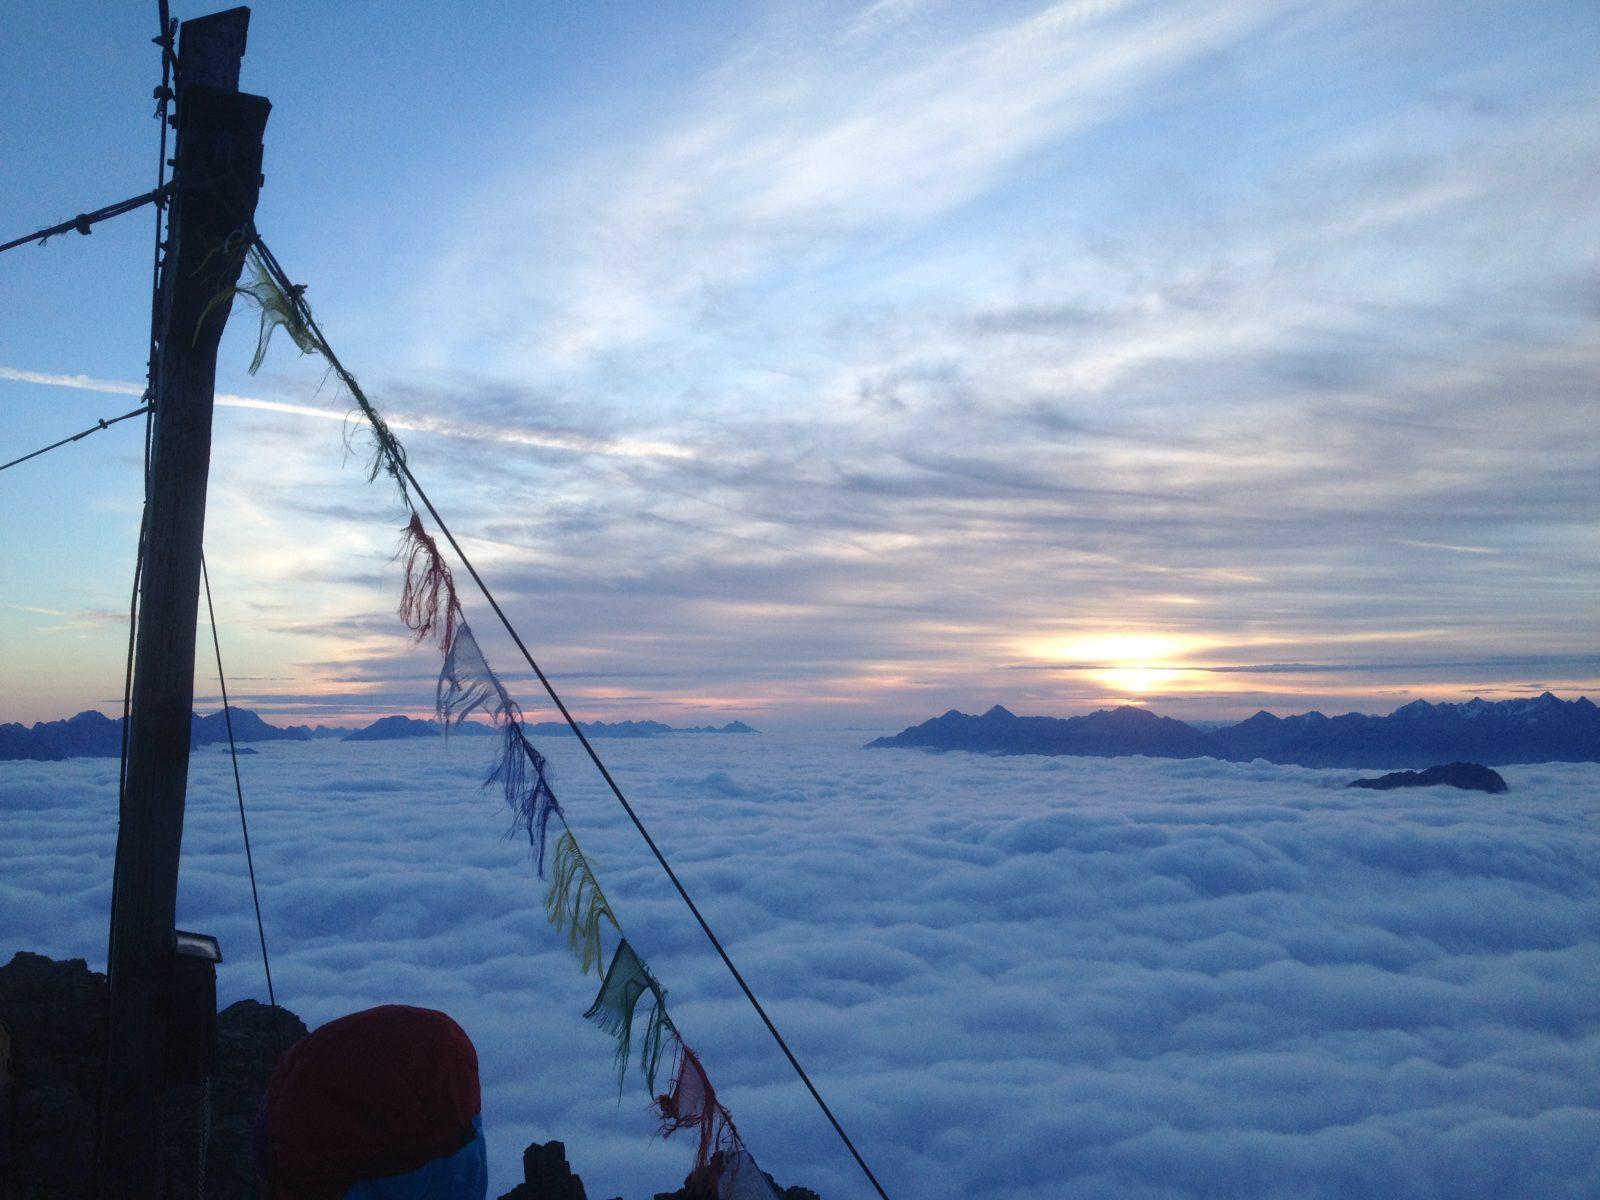 Die letzten Stunden des Tages ganz oben genießen. Foto: Matthias Bader | Climbers Paradise